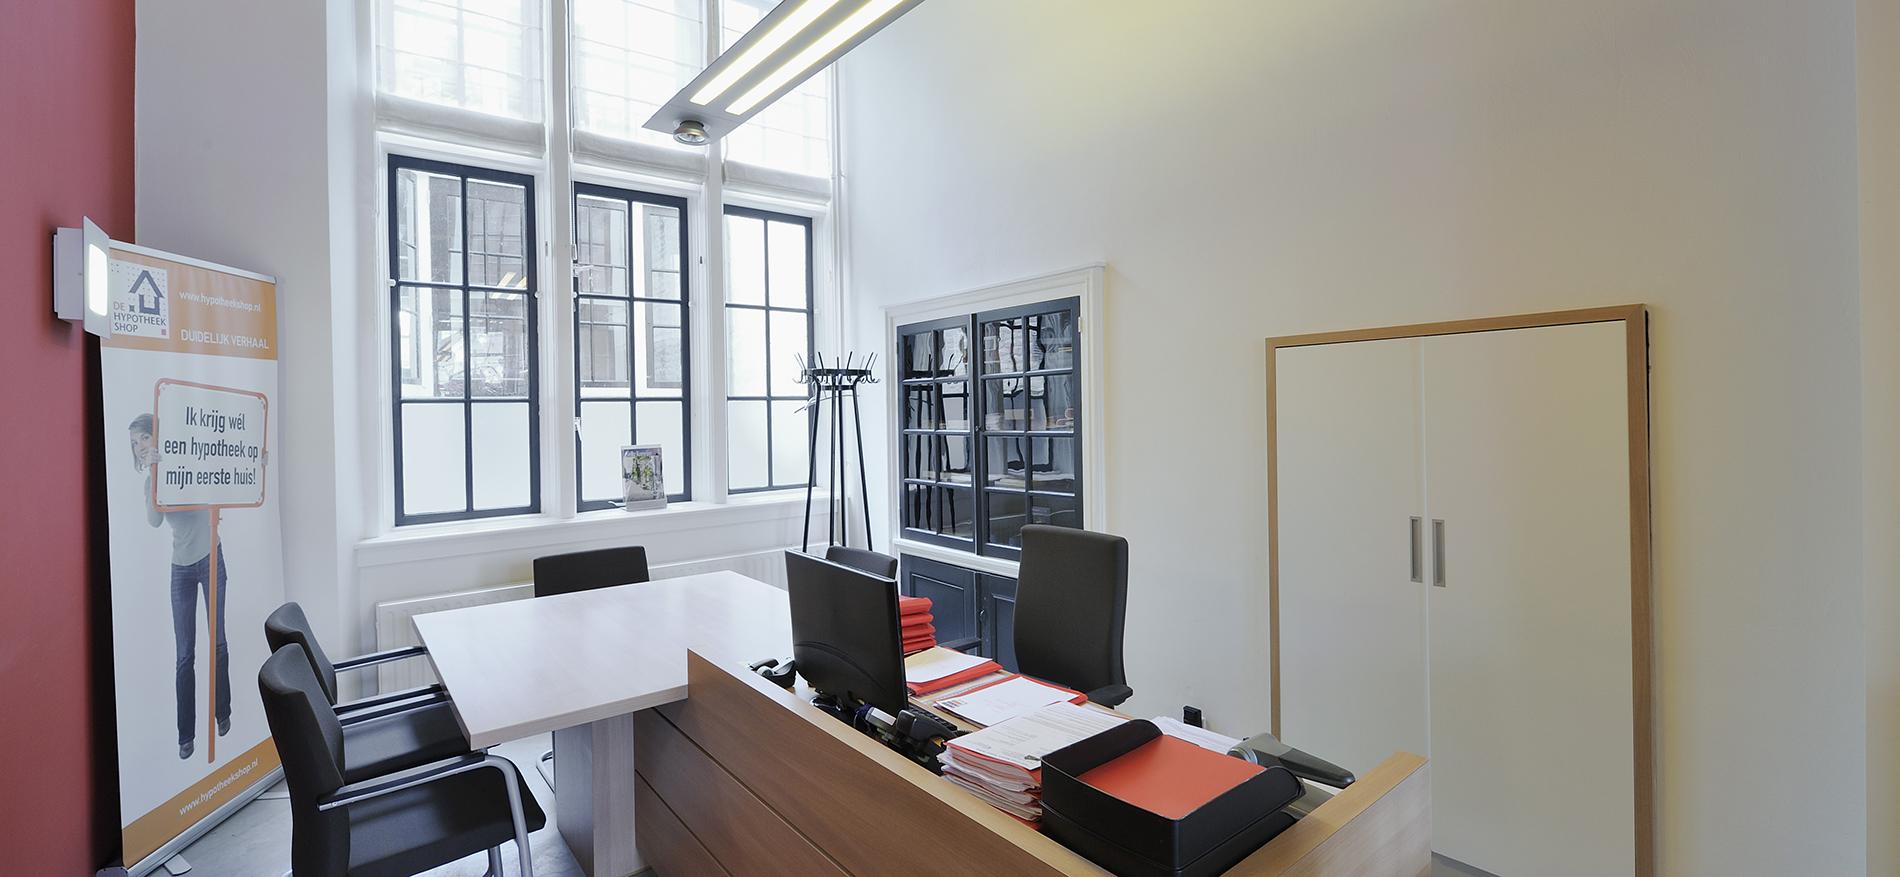 Nr 1 inrichting makelaarskantoor inspiratie interieur for Interieur inrichting